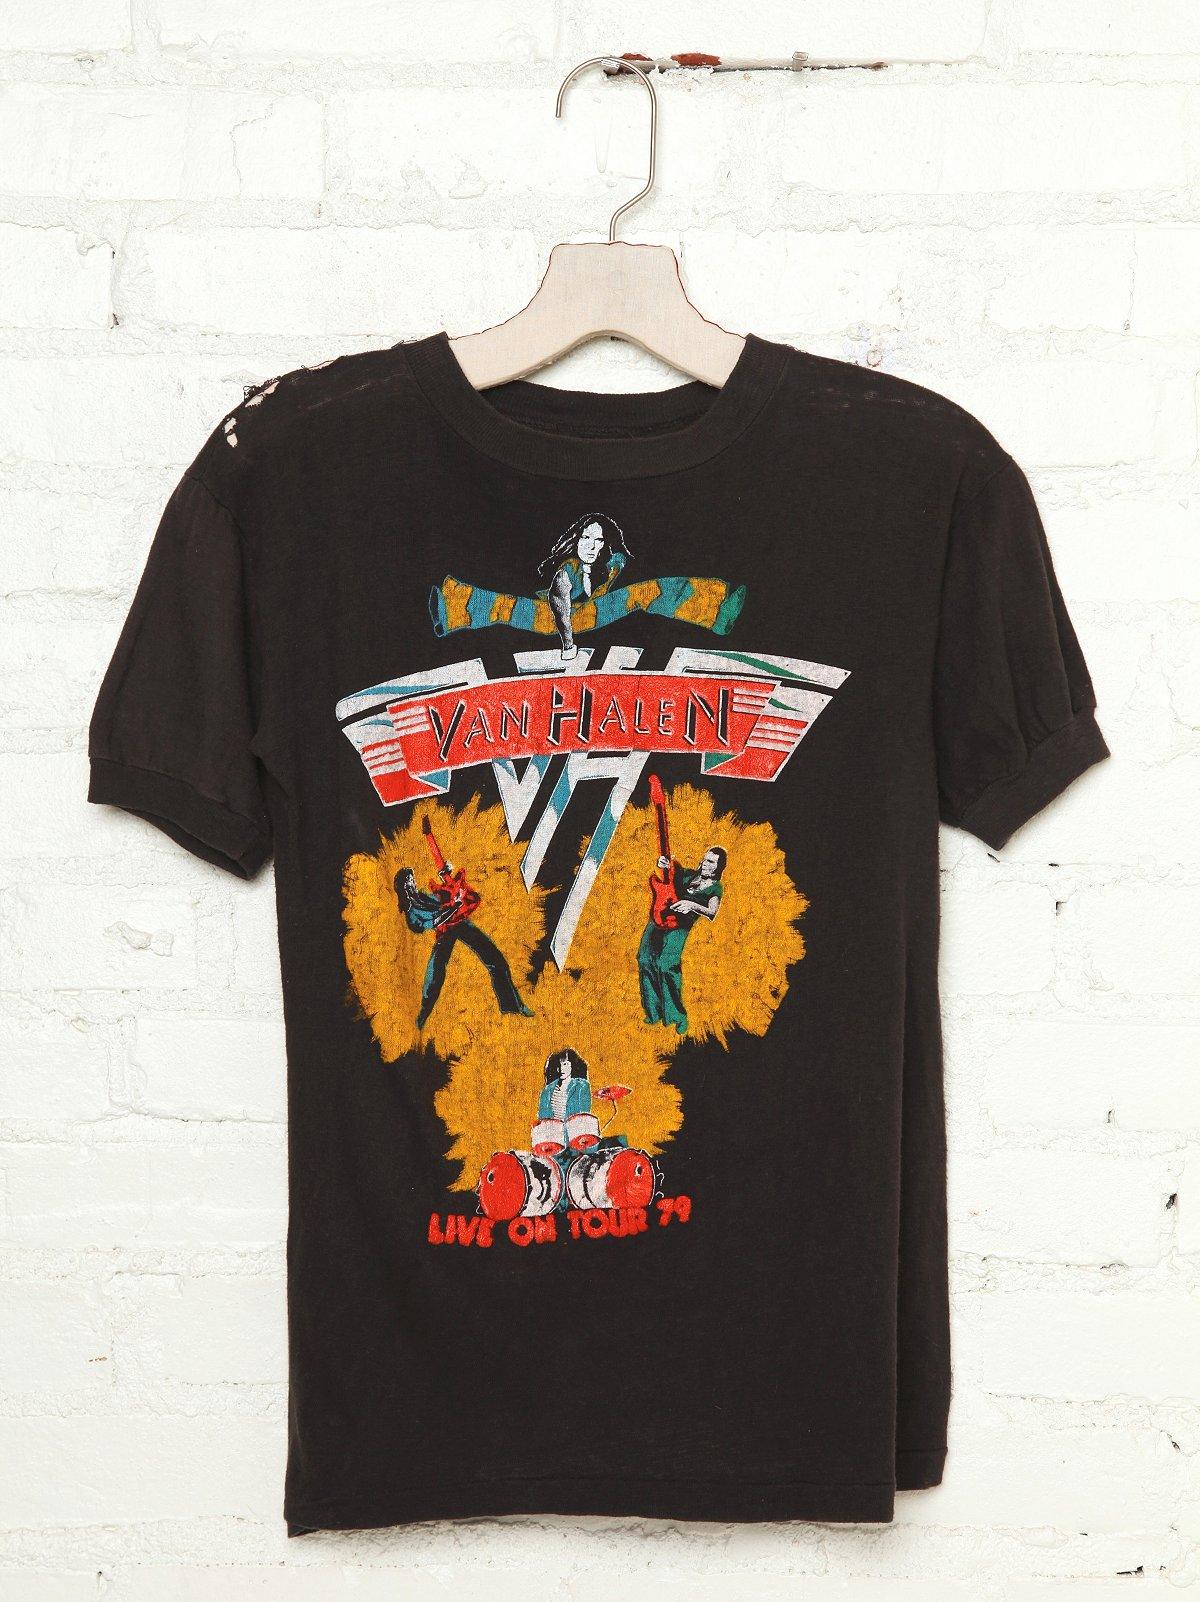 Vintage Van Halen 1979 Tour Tee